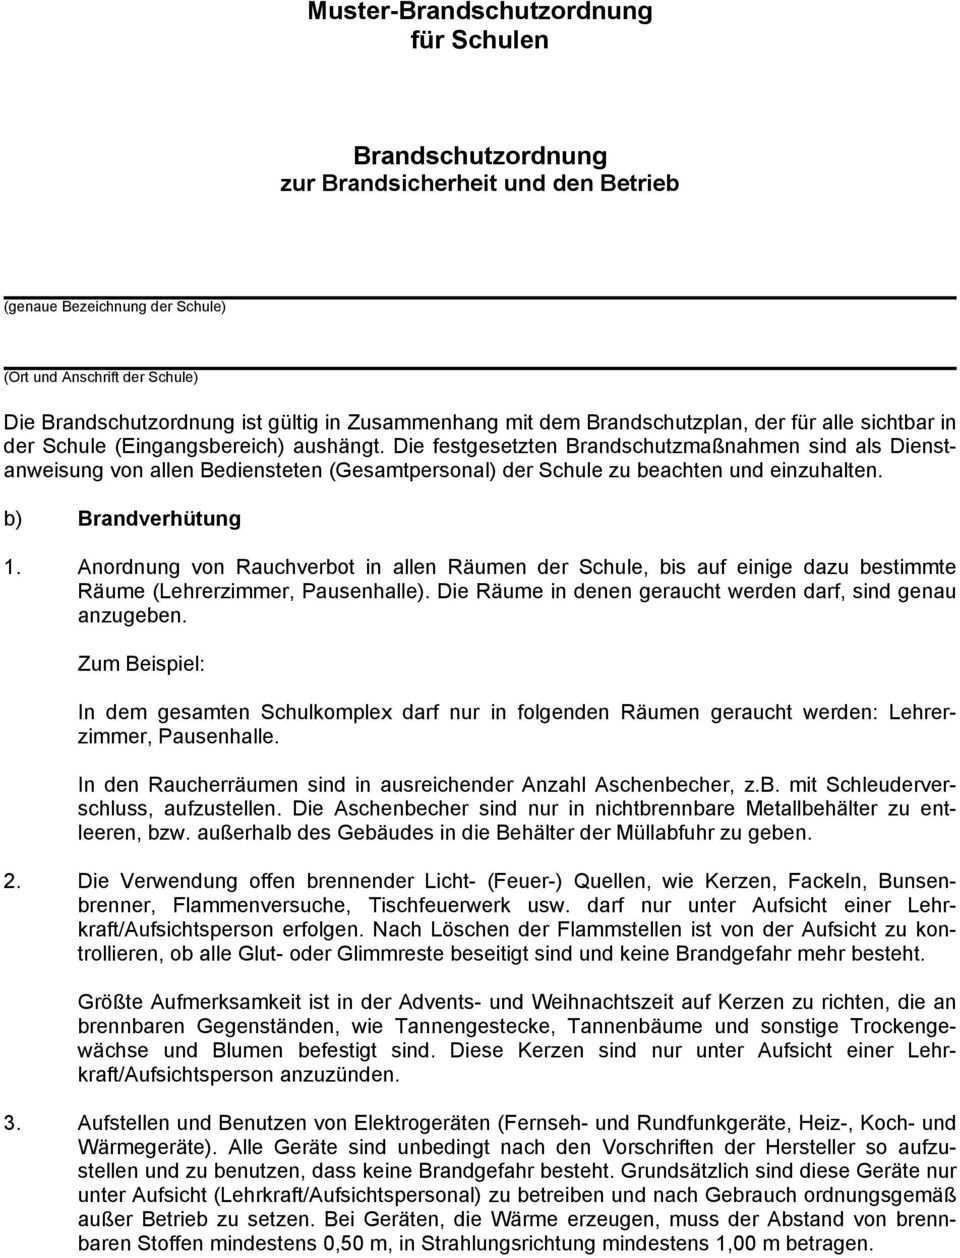 Muster Brandschutzordnung Fur Schulen Brandschutzordnung Zur Brandsicherheit Und Den Betrieb Pdf Free Download